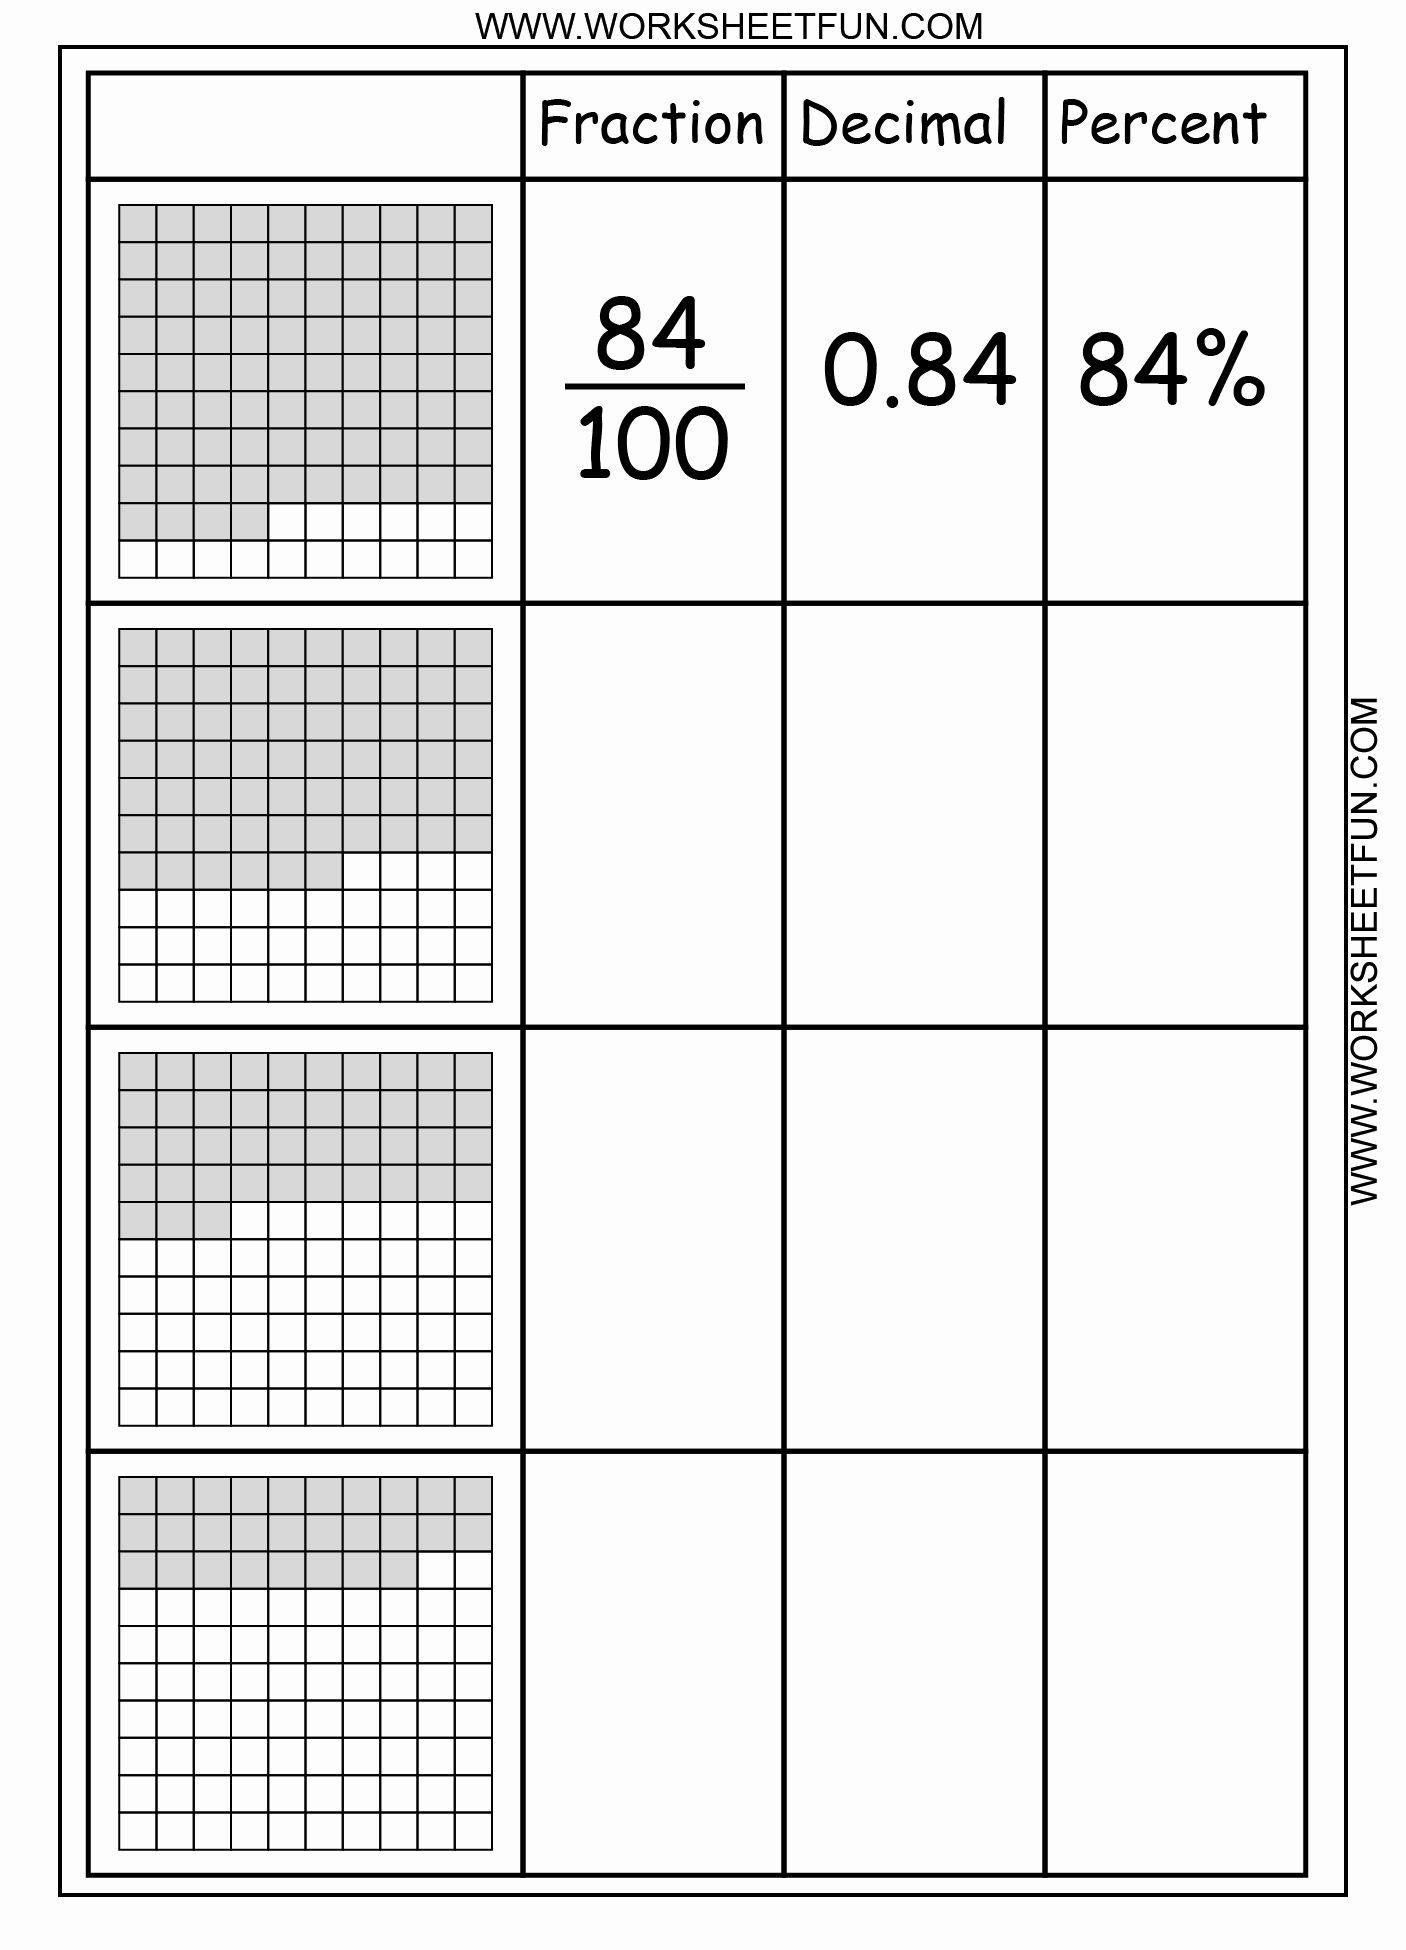 Fraction Decimal Percent Worksheet